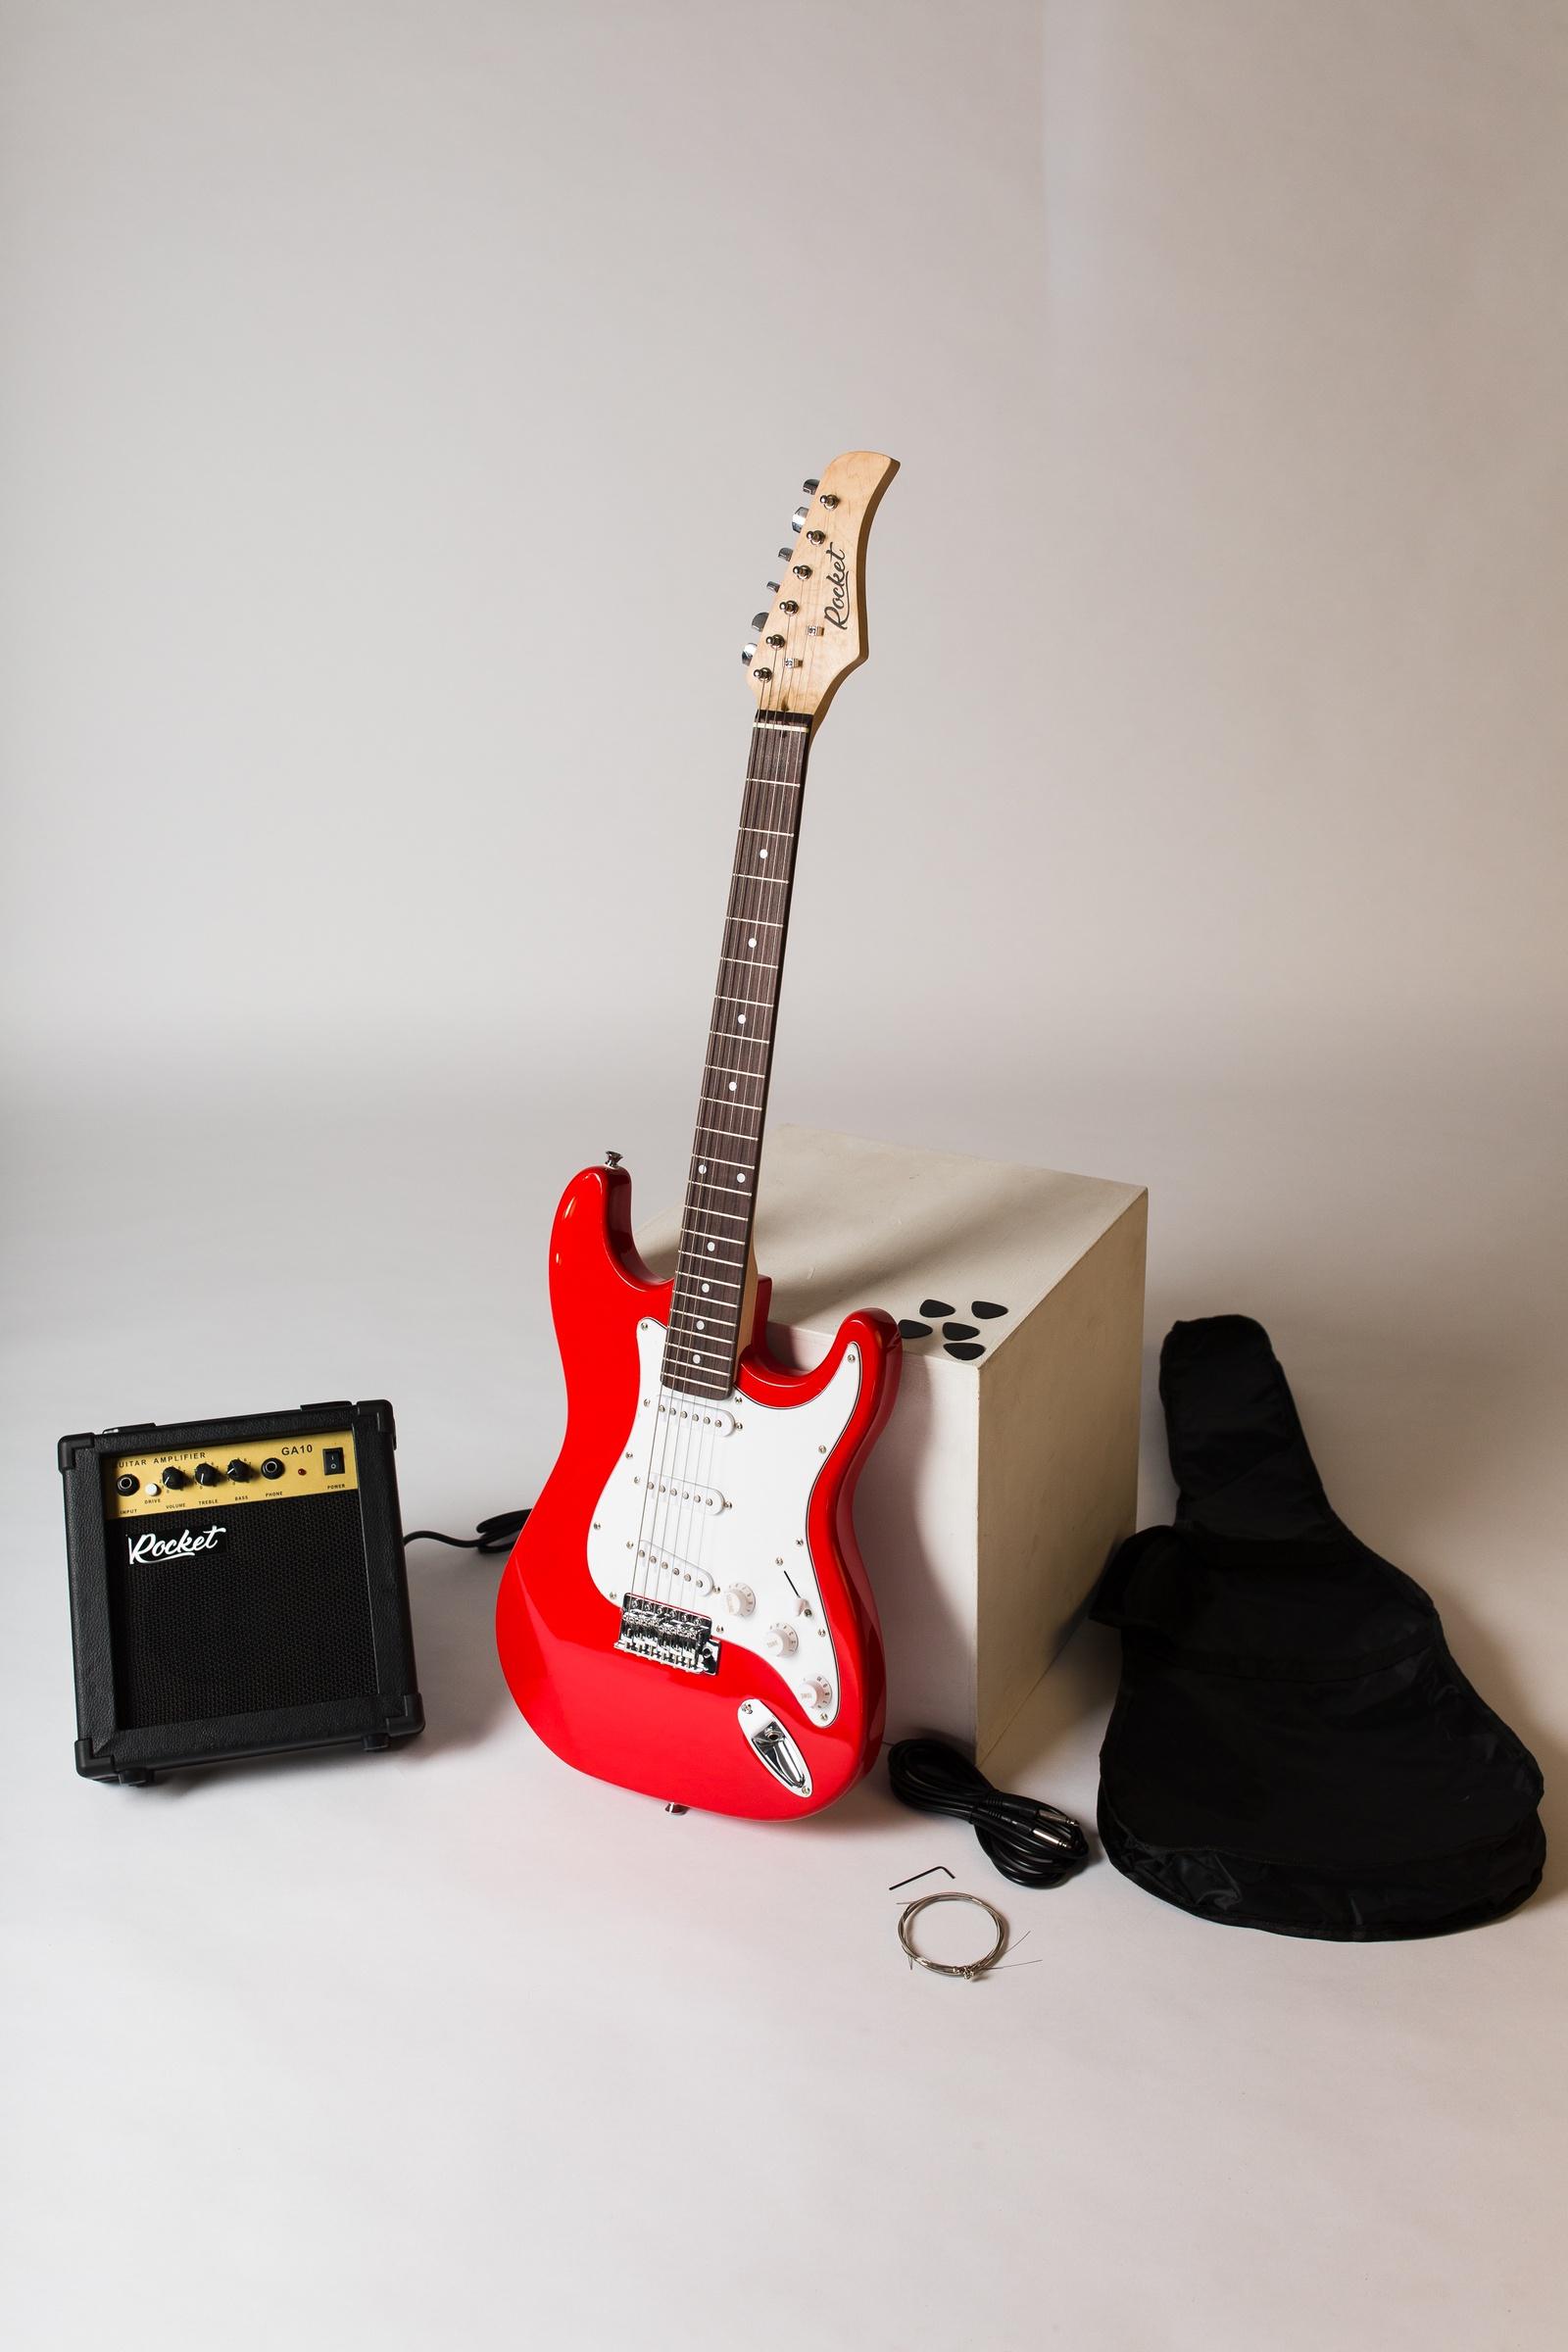 цена на Электрогитара RockEt для начинающих с комбиком и аксессуарами, красный